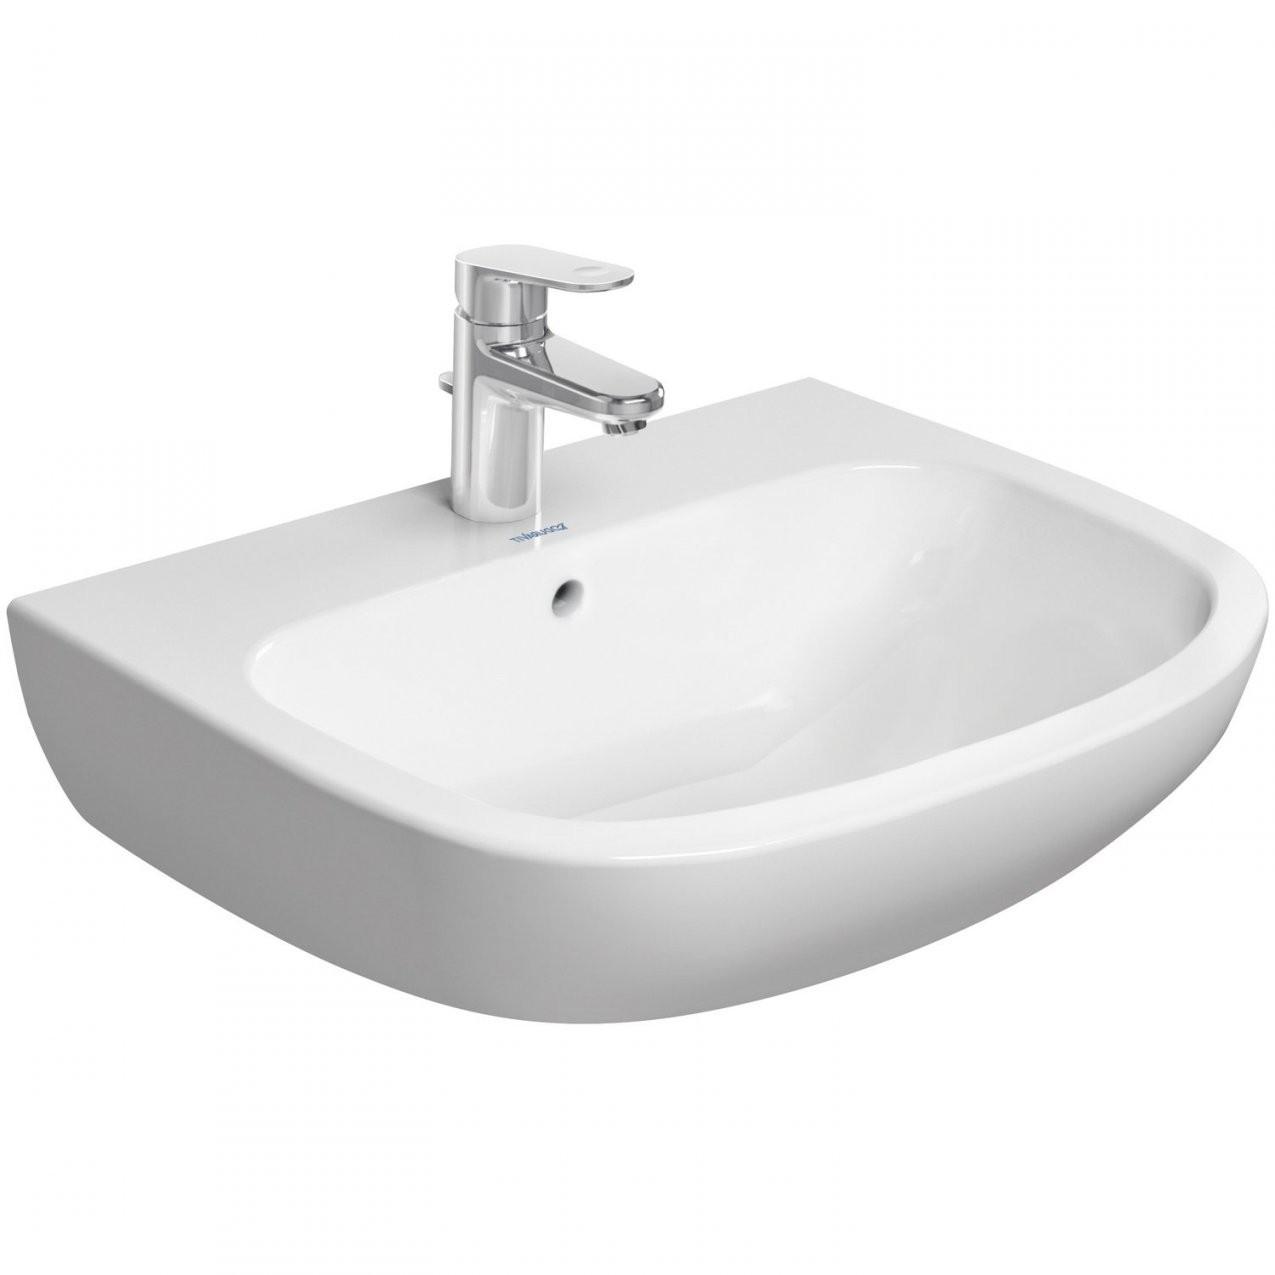 Duravit Standardwaschbecken Dcode 60 Cm Rund Weiß Kaufen Bei Obi von Höhe Waschbecken Bad Bild